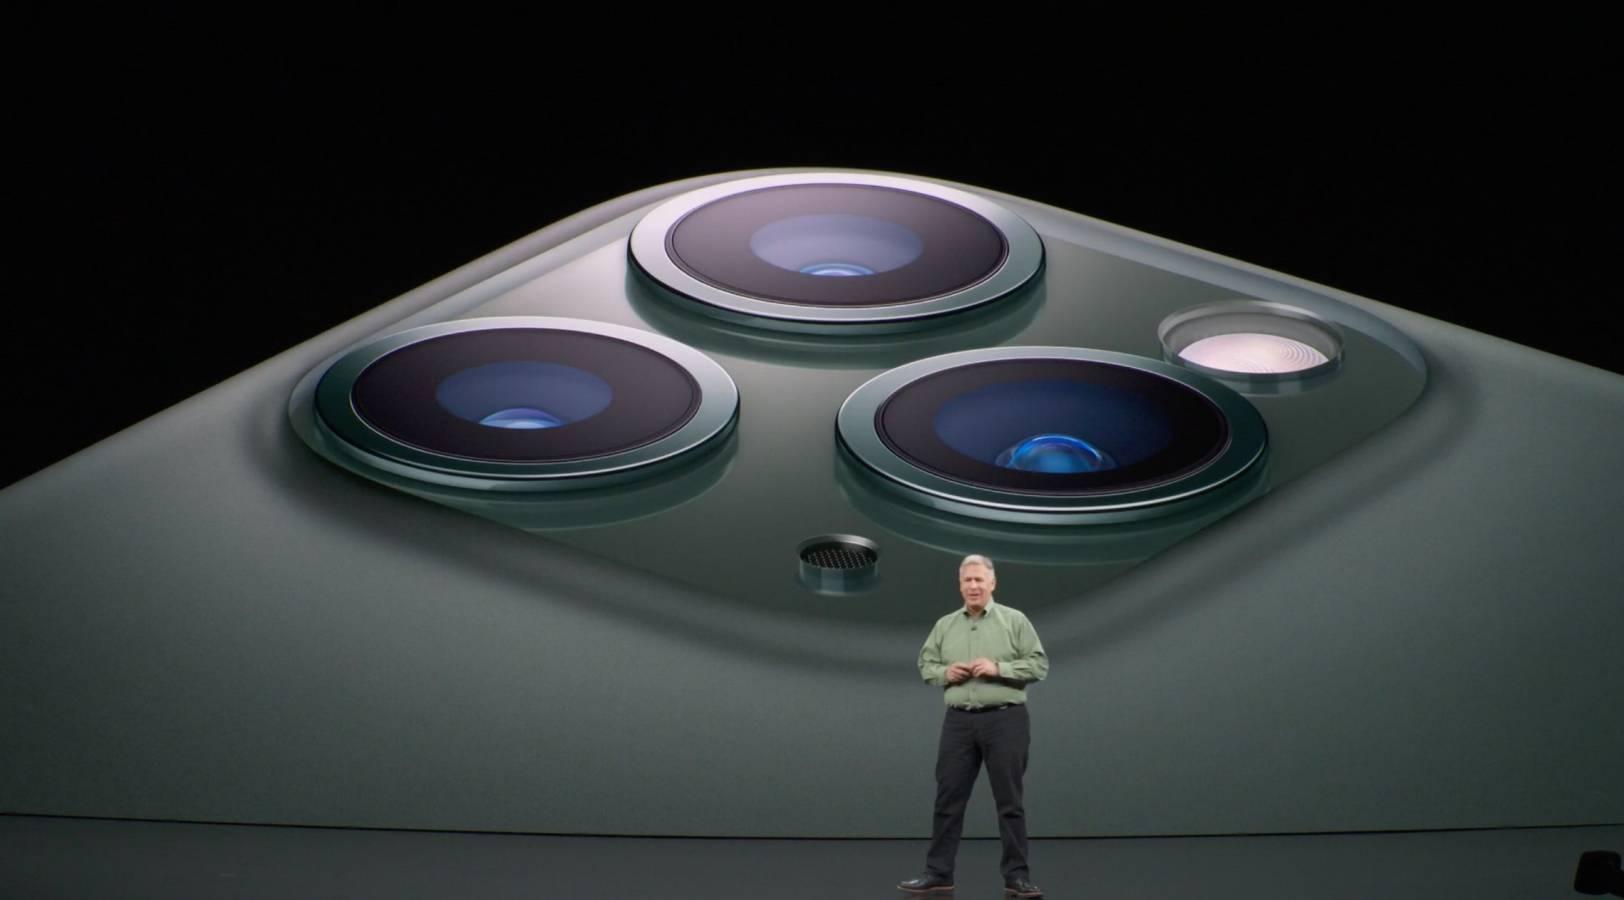 BOALA pe care iPhone 11 Pro o Declanseaza Deja pentru Oameni